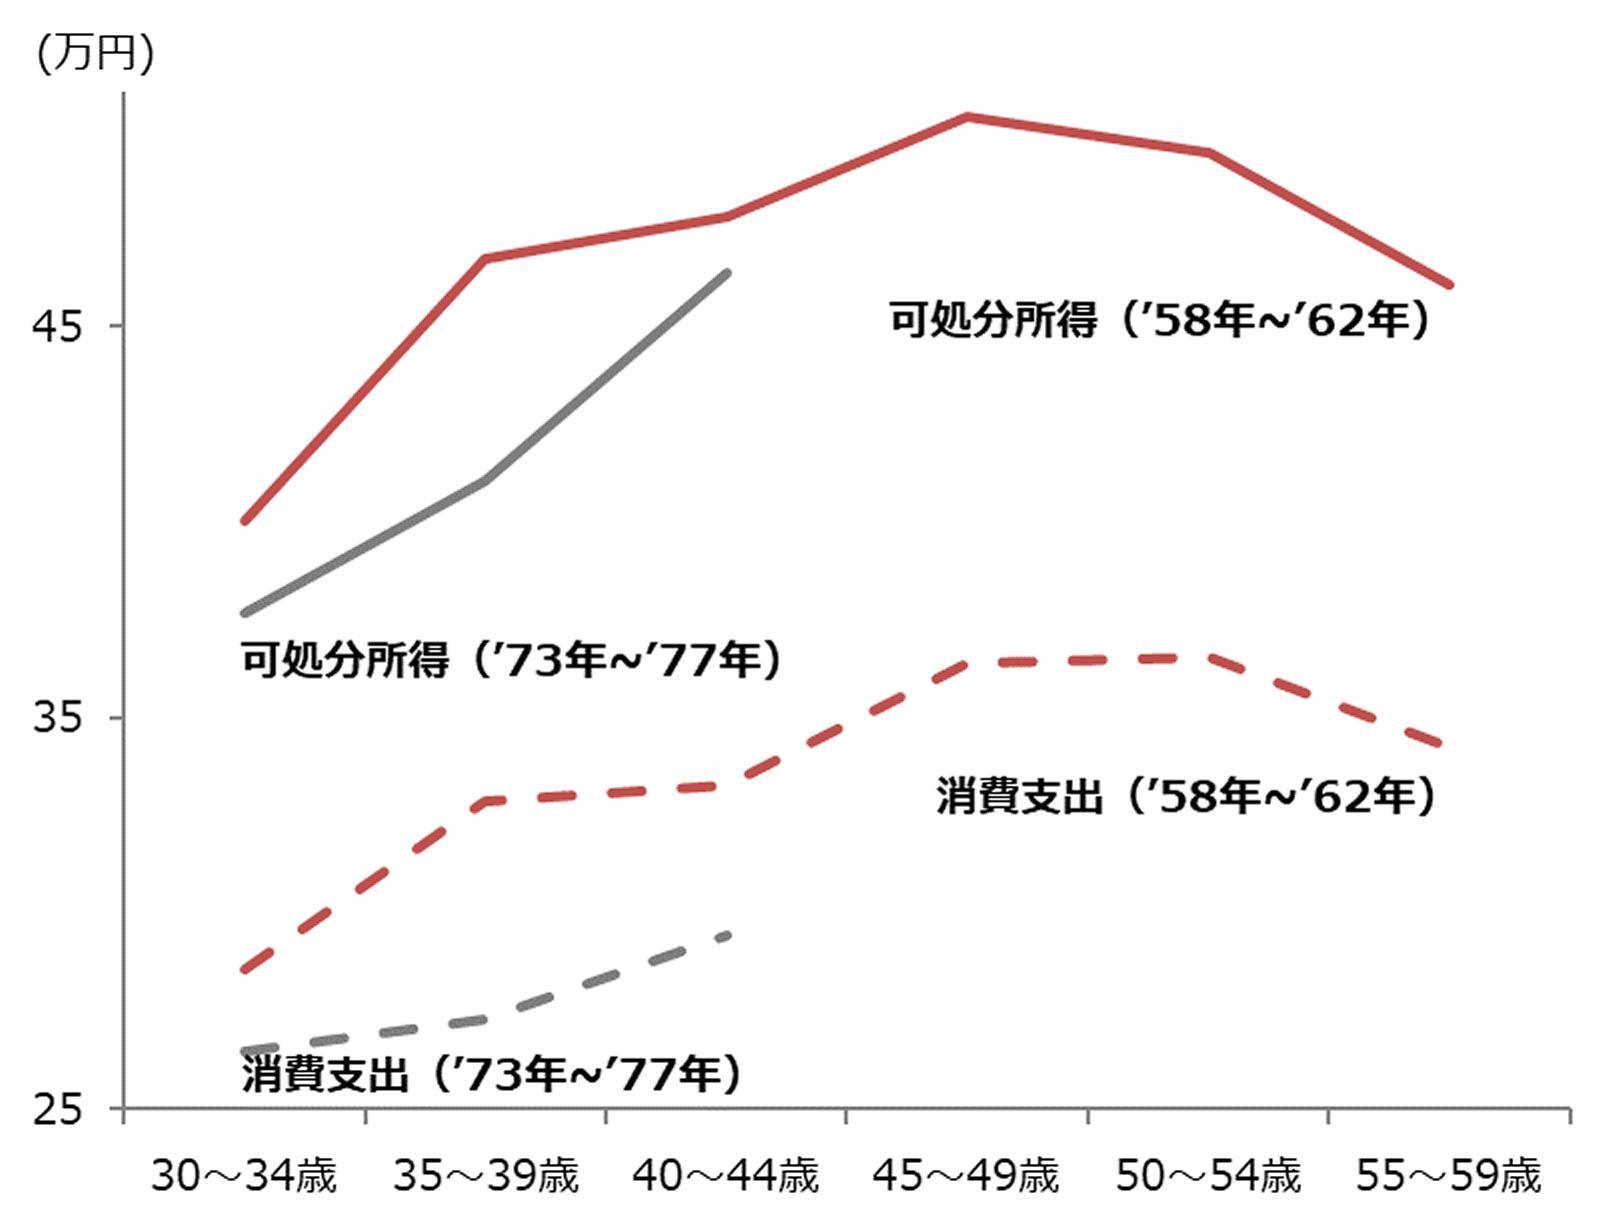 図表3 生年別 可処分所得と消費支出の推移(月額)